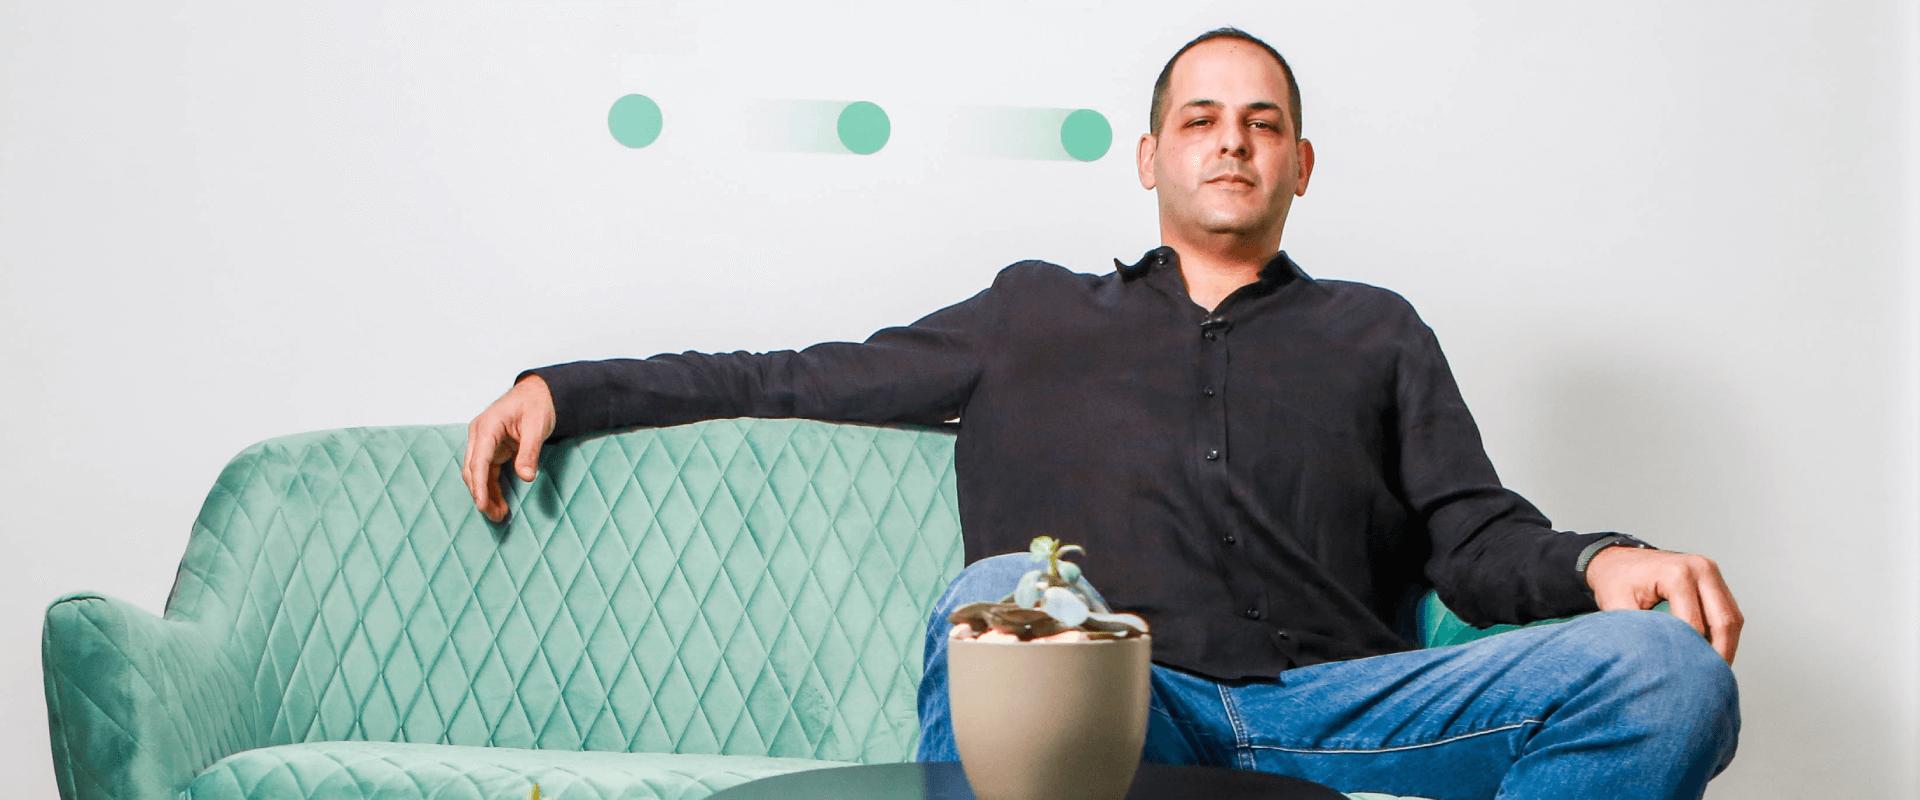 10 Most Promising Start-Ups - PULS / צילום: איל יצהר